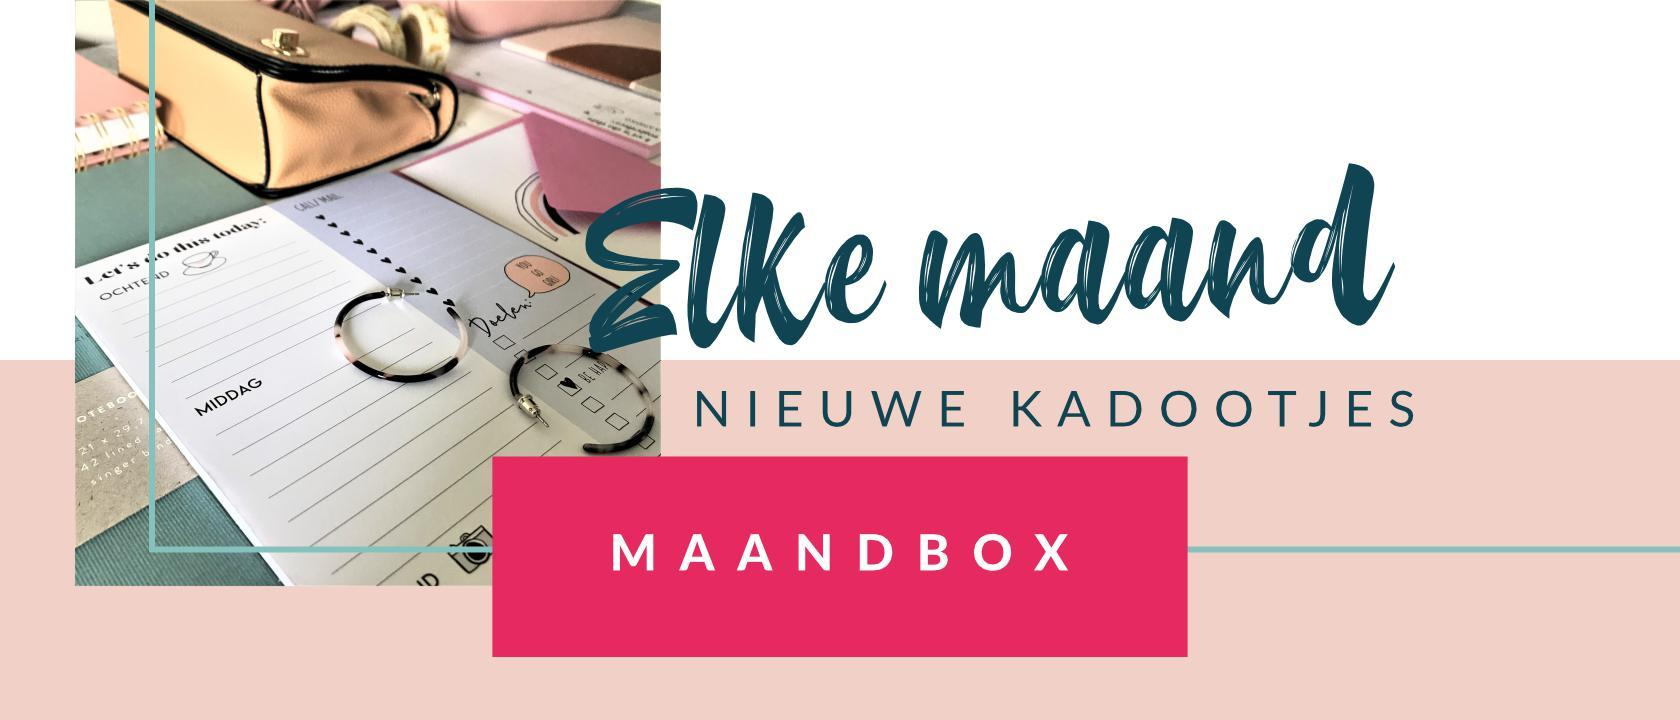 KP2019 MAANDBOX - ELKE MAAND